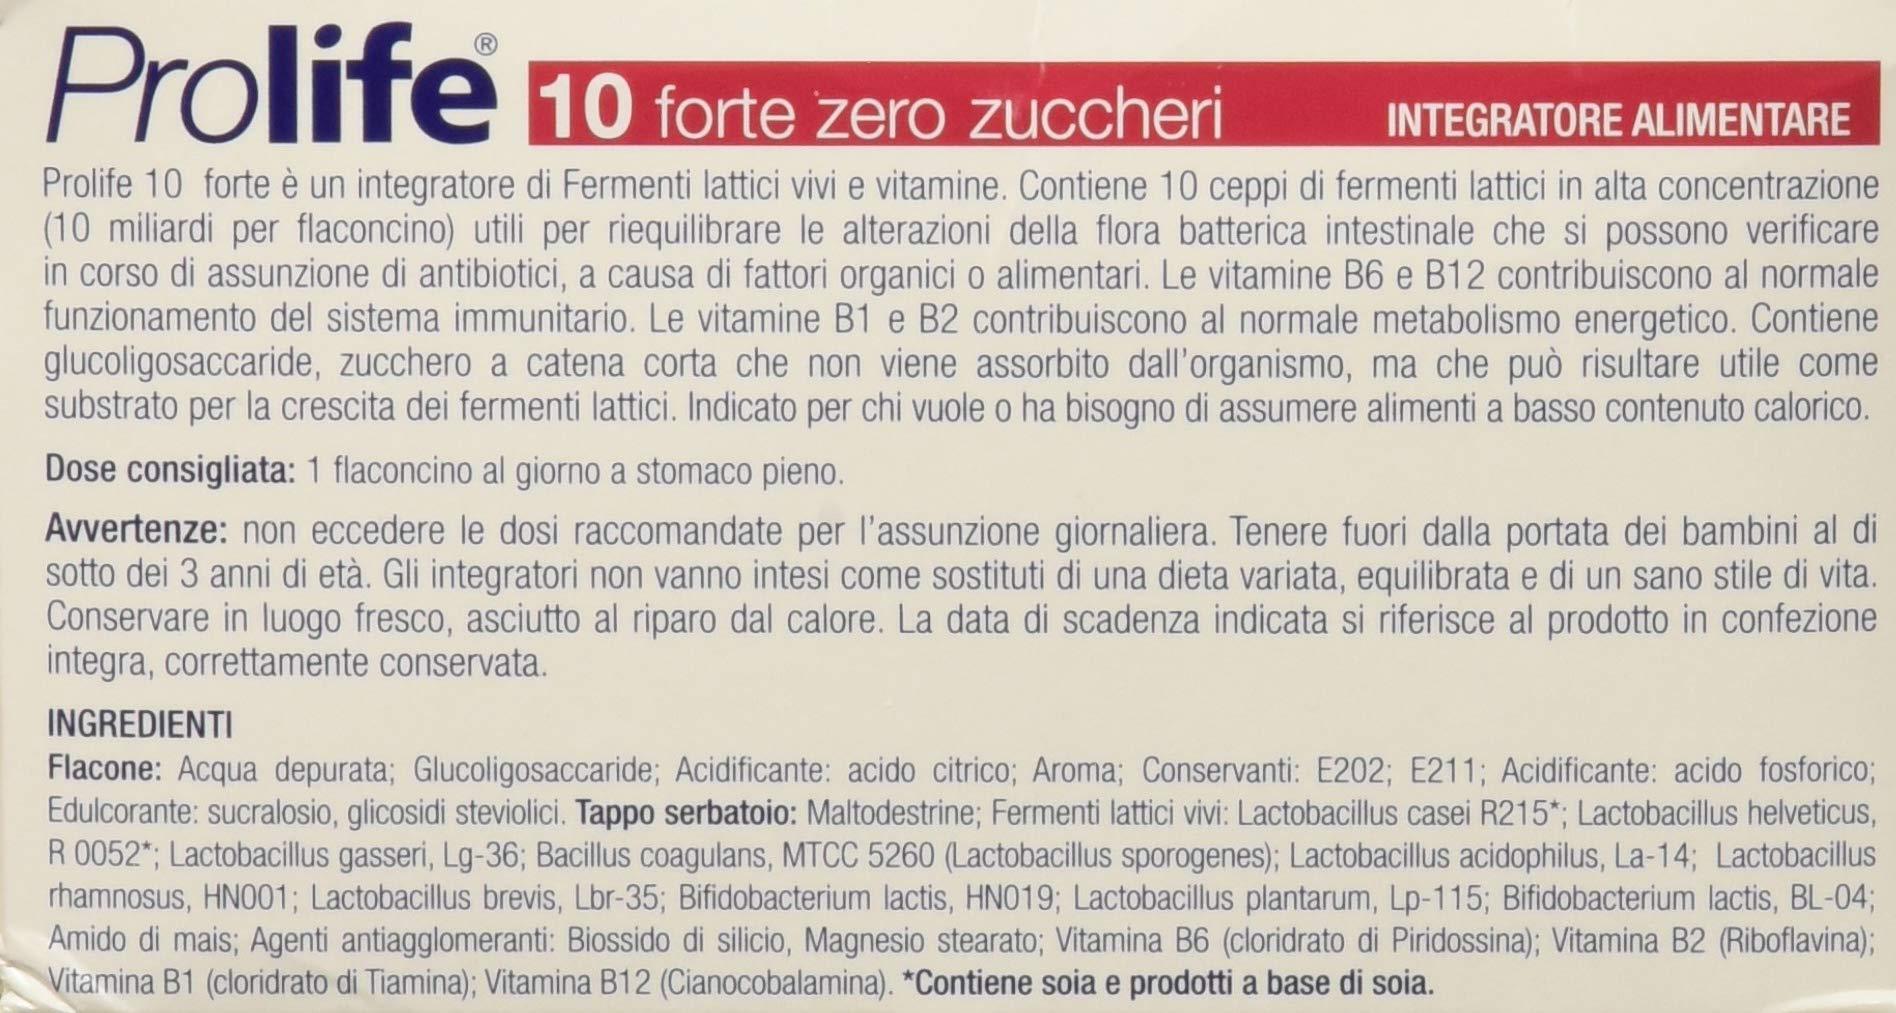 Prolife 10 Forte Integratore con Probiotici Senza Zucchero - 10 flaconcini da 8 ml 4 spesavip